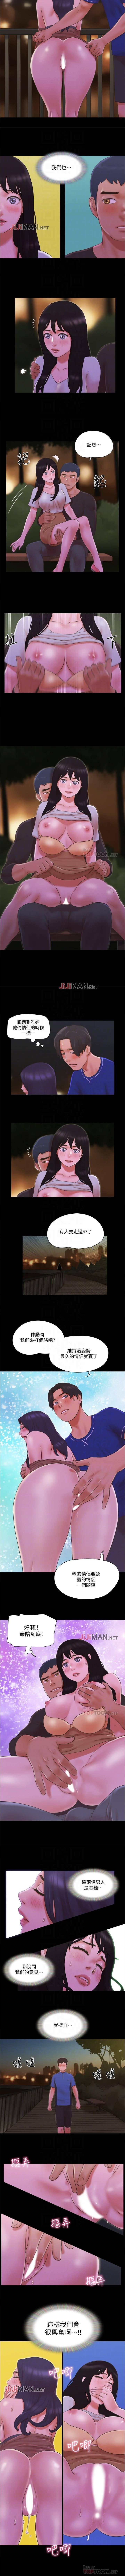 【周五连载】协议换爱(作者:遠德) 第1~62话 251